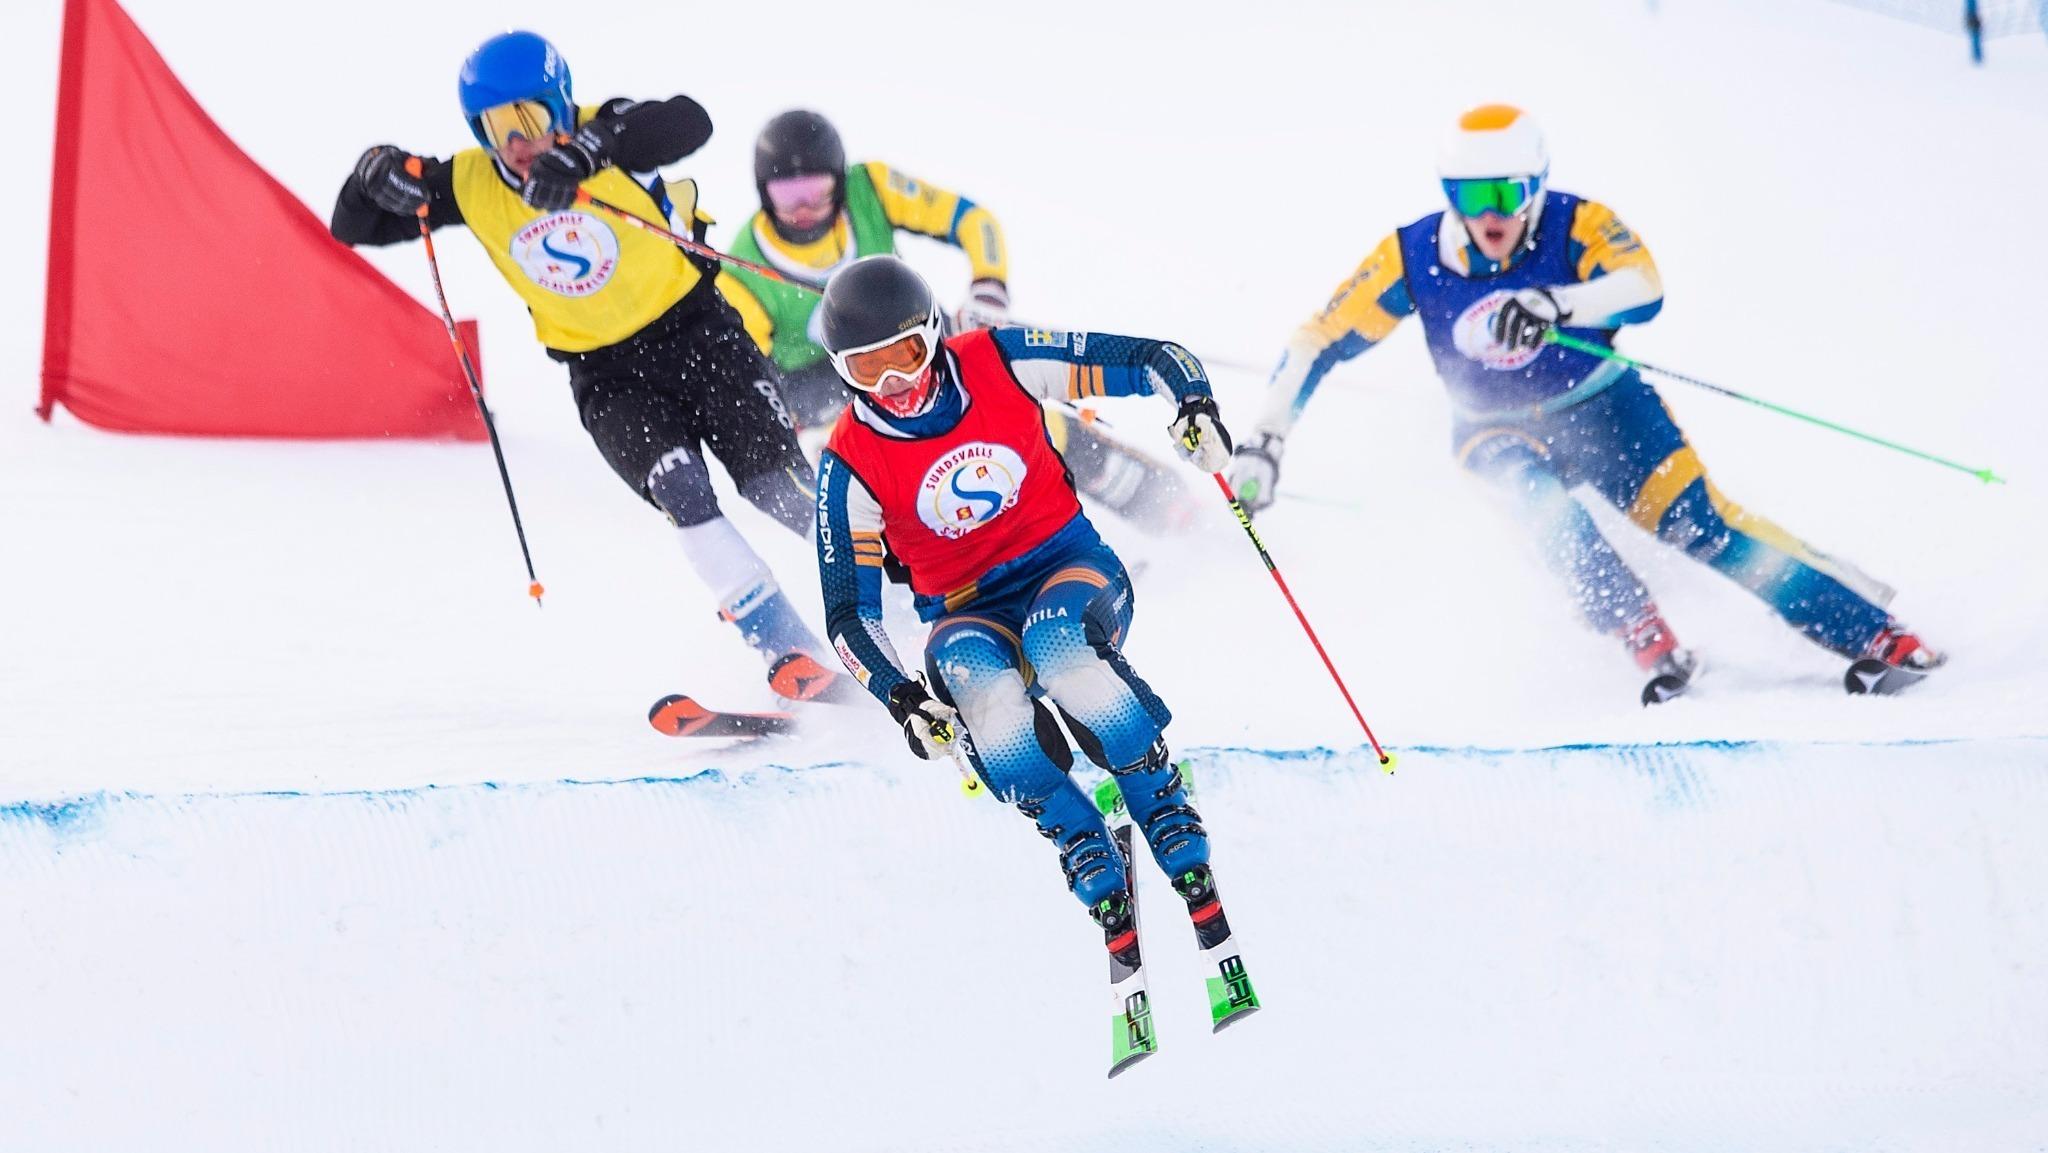 Bild på men som åker skicross.